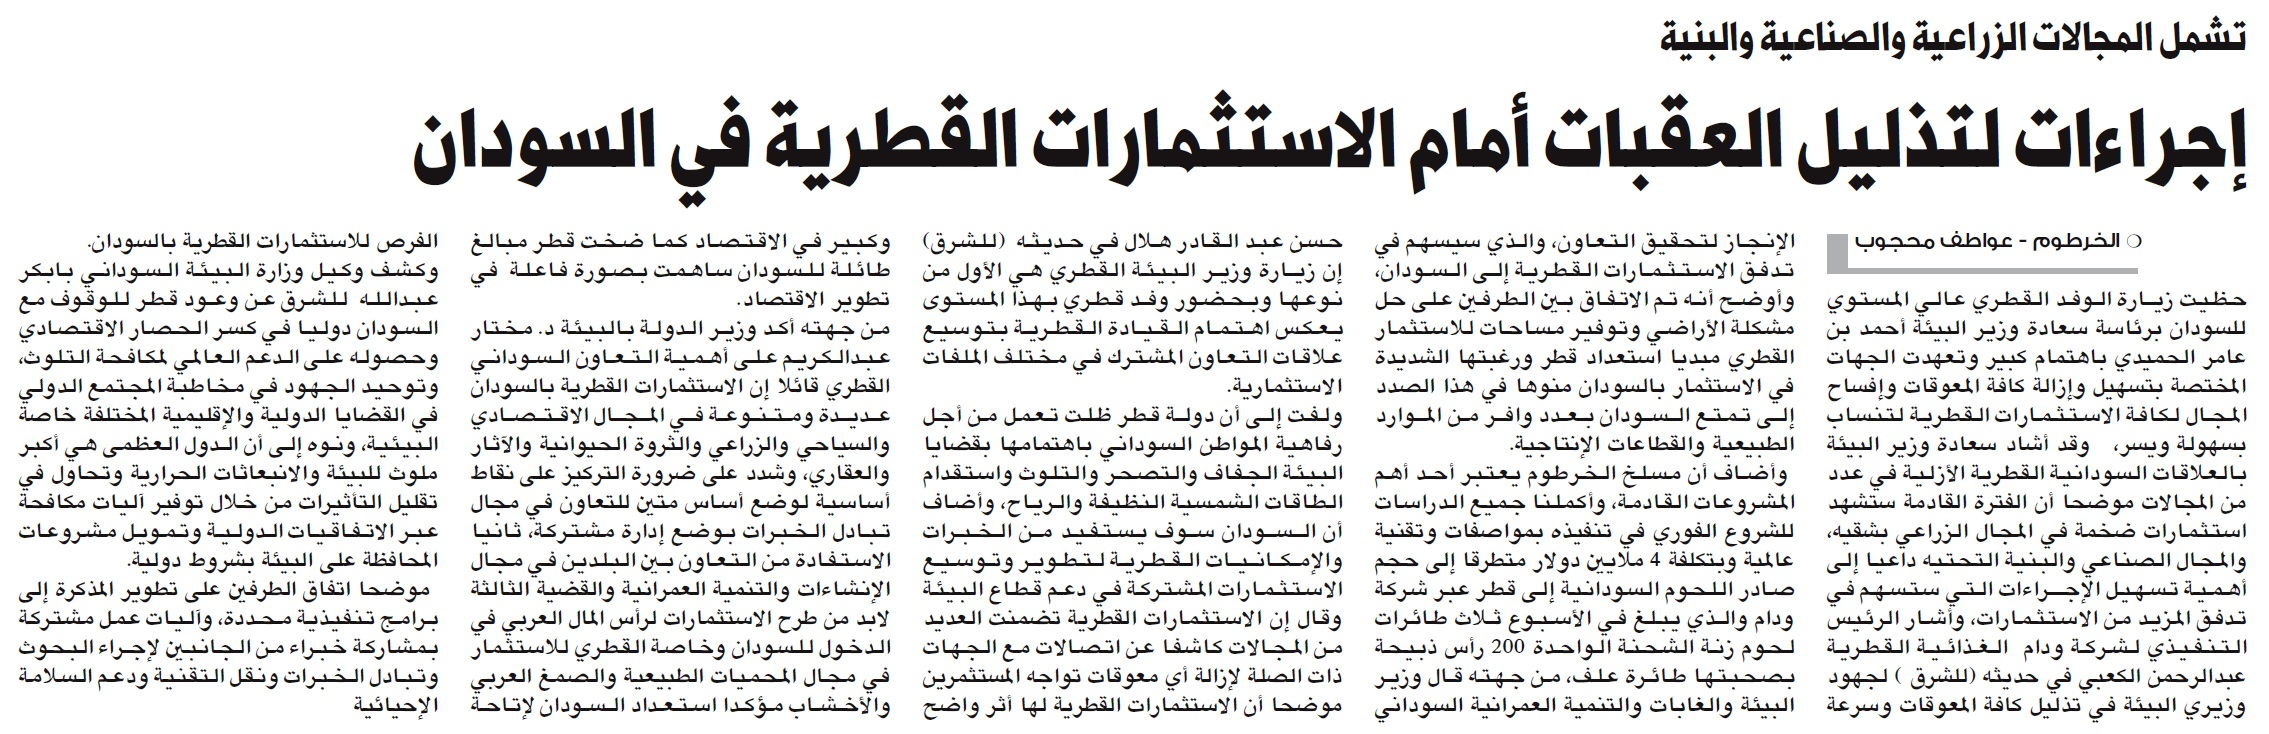 جريدة الراية_ 2014/12/01